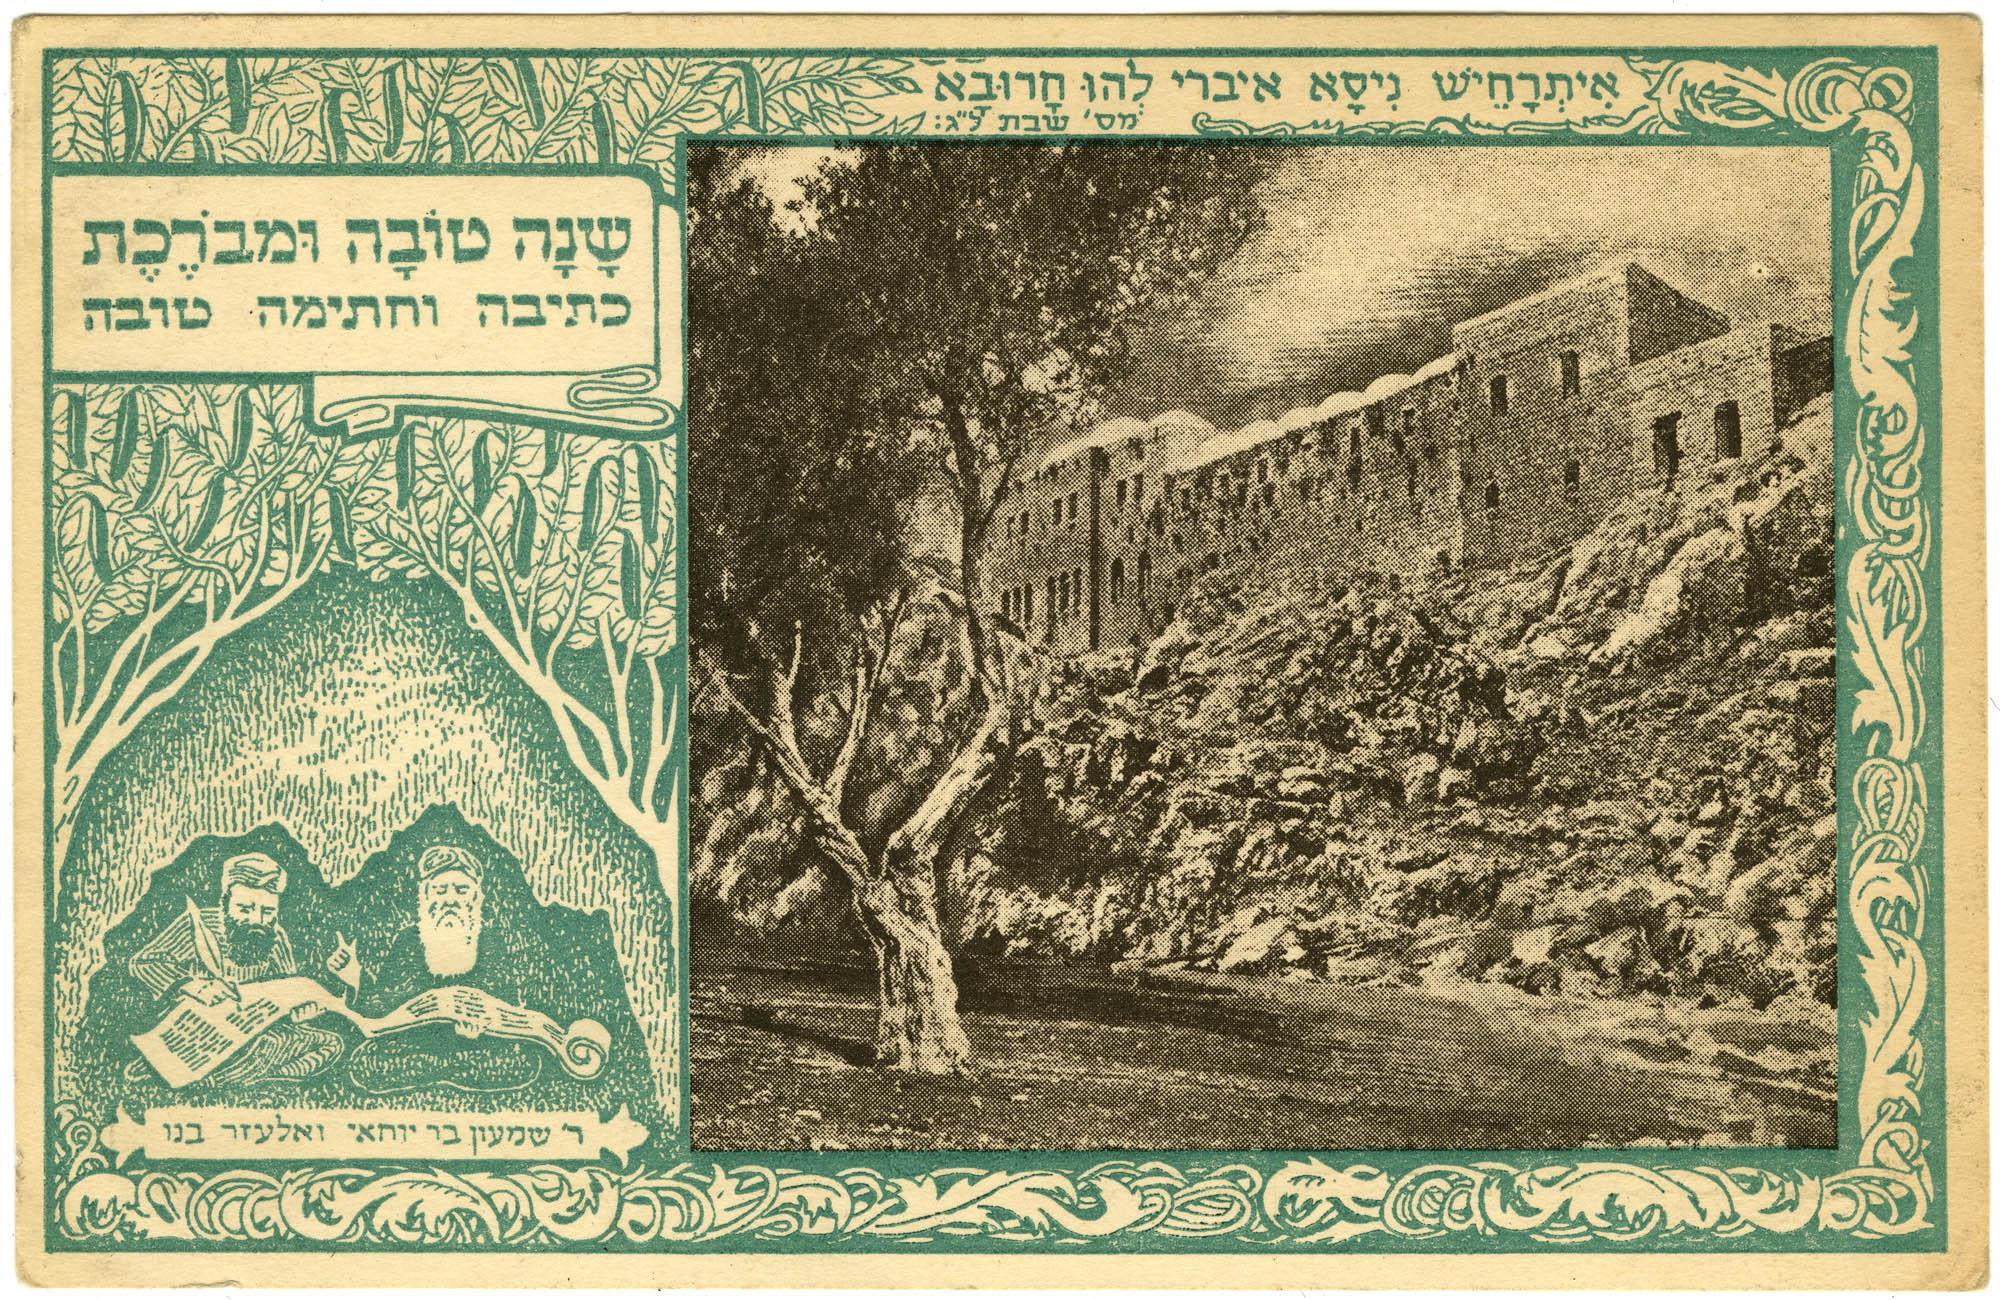 רי שמעון בר יוחאי ואלעזר בנו